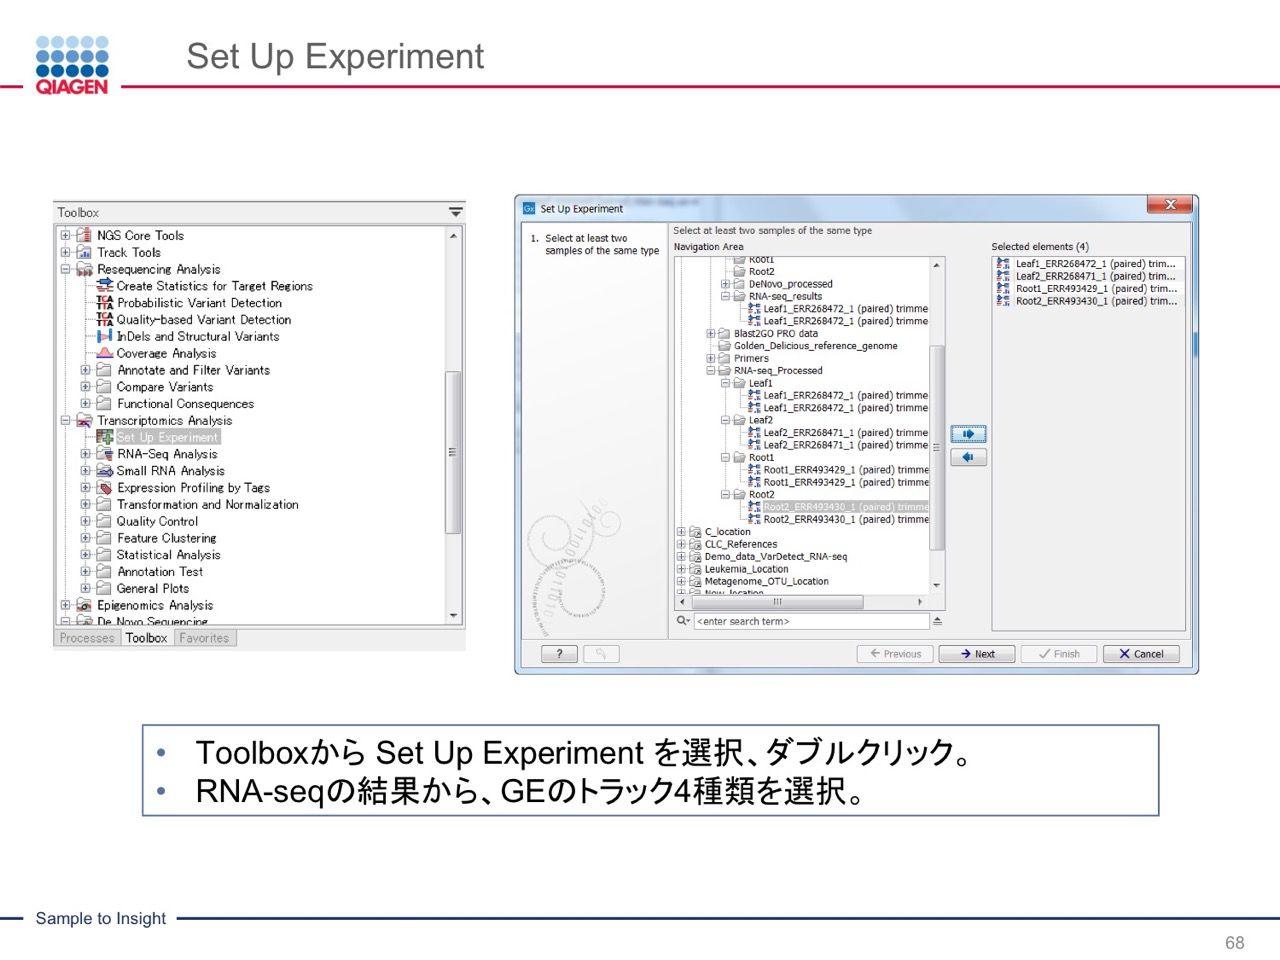 images/AJACSa2_miyamoto_068.jpg